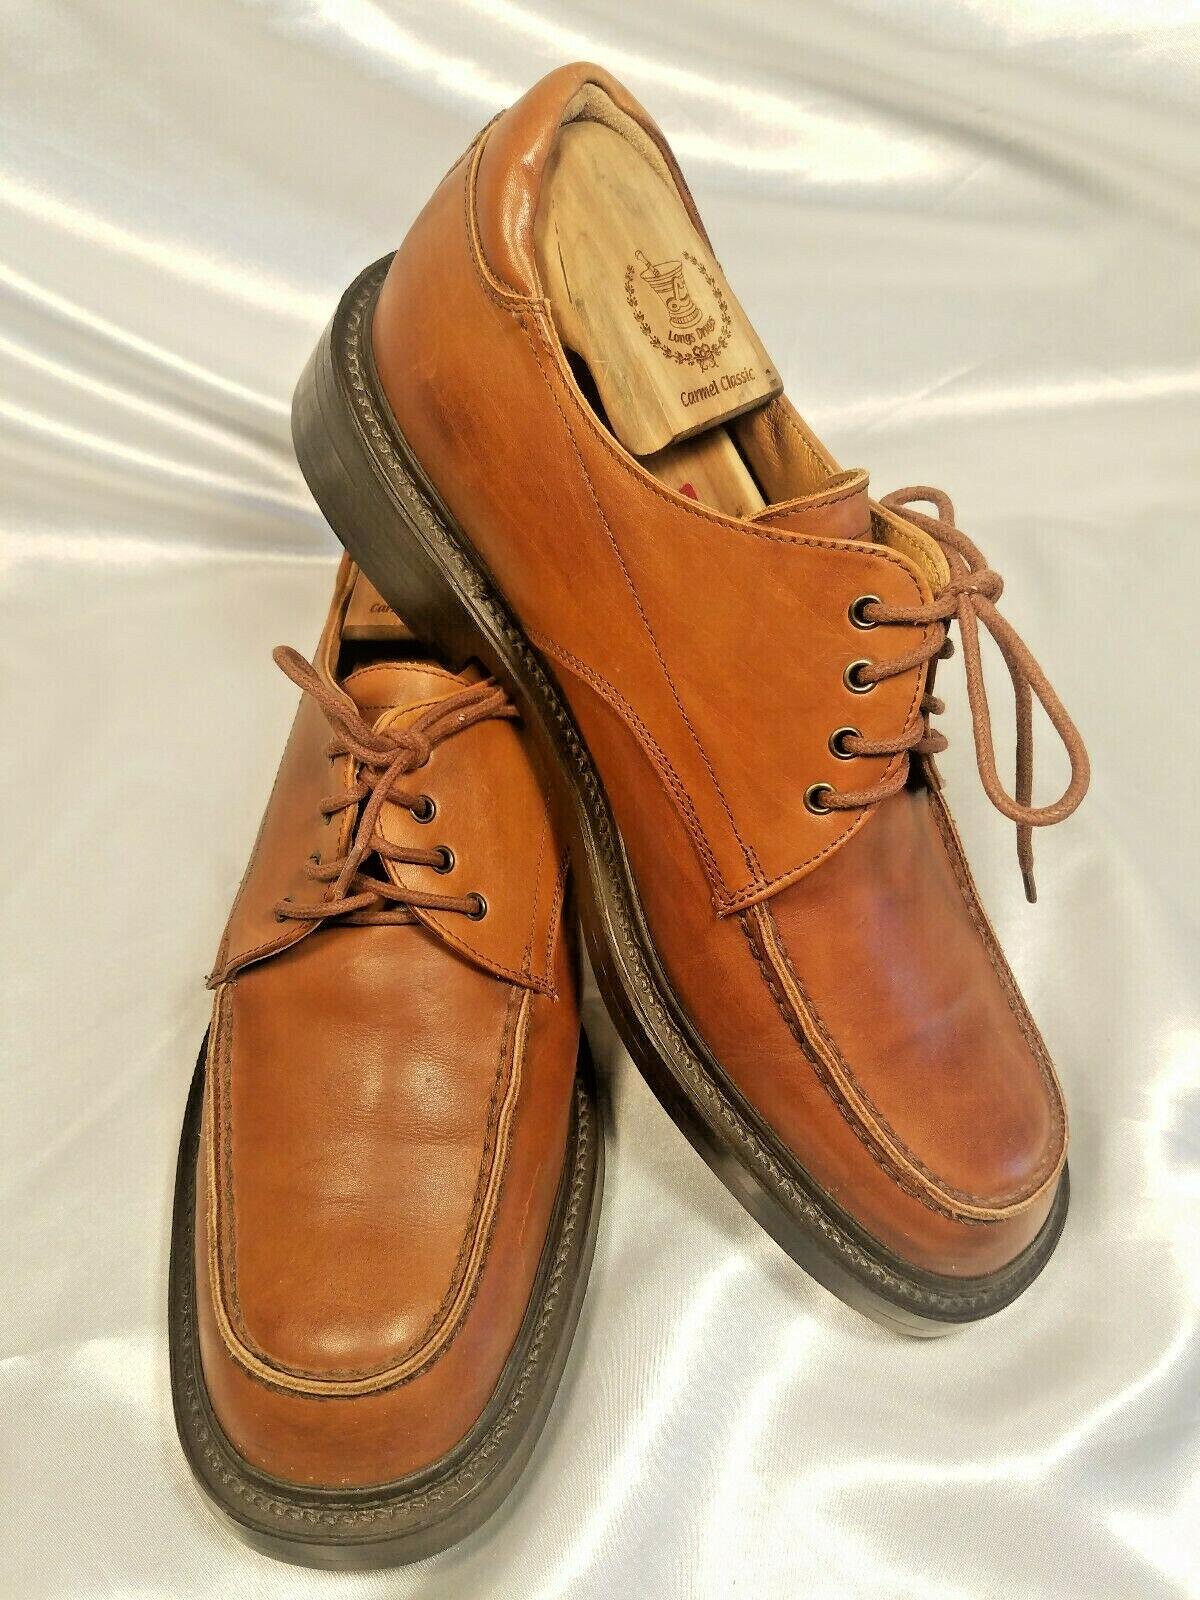 Johnston & Murphy C, cuero marrón, 10 metros de calzado masculino, caucho